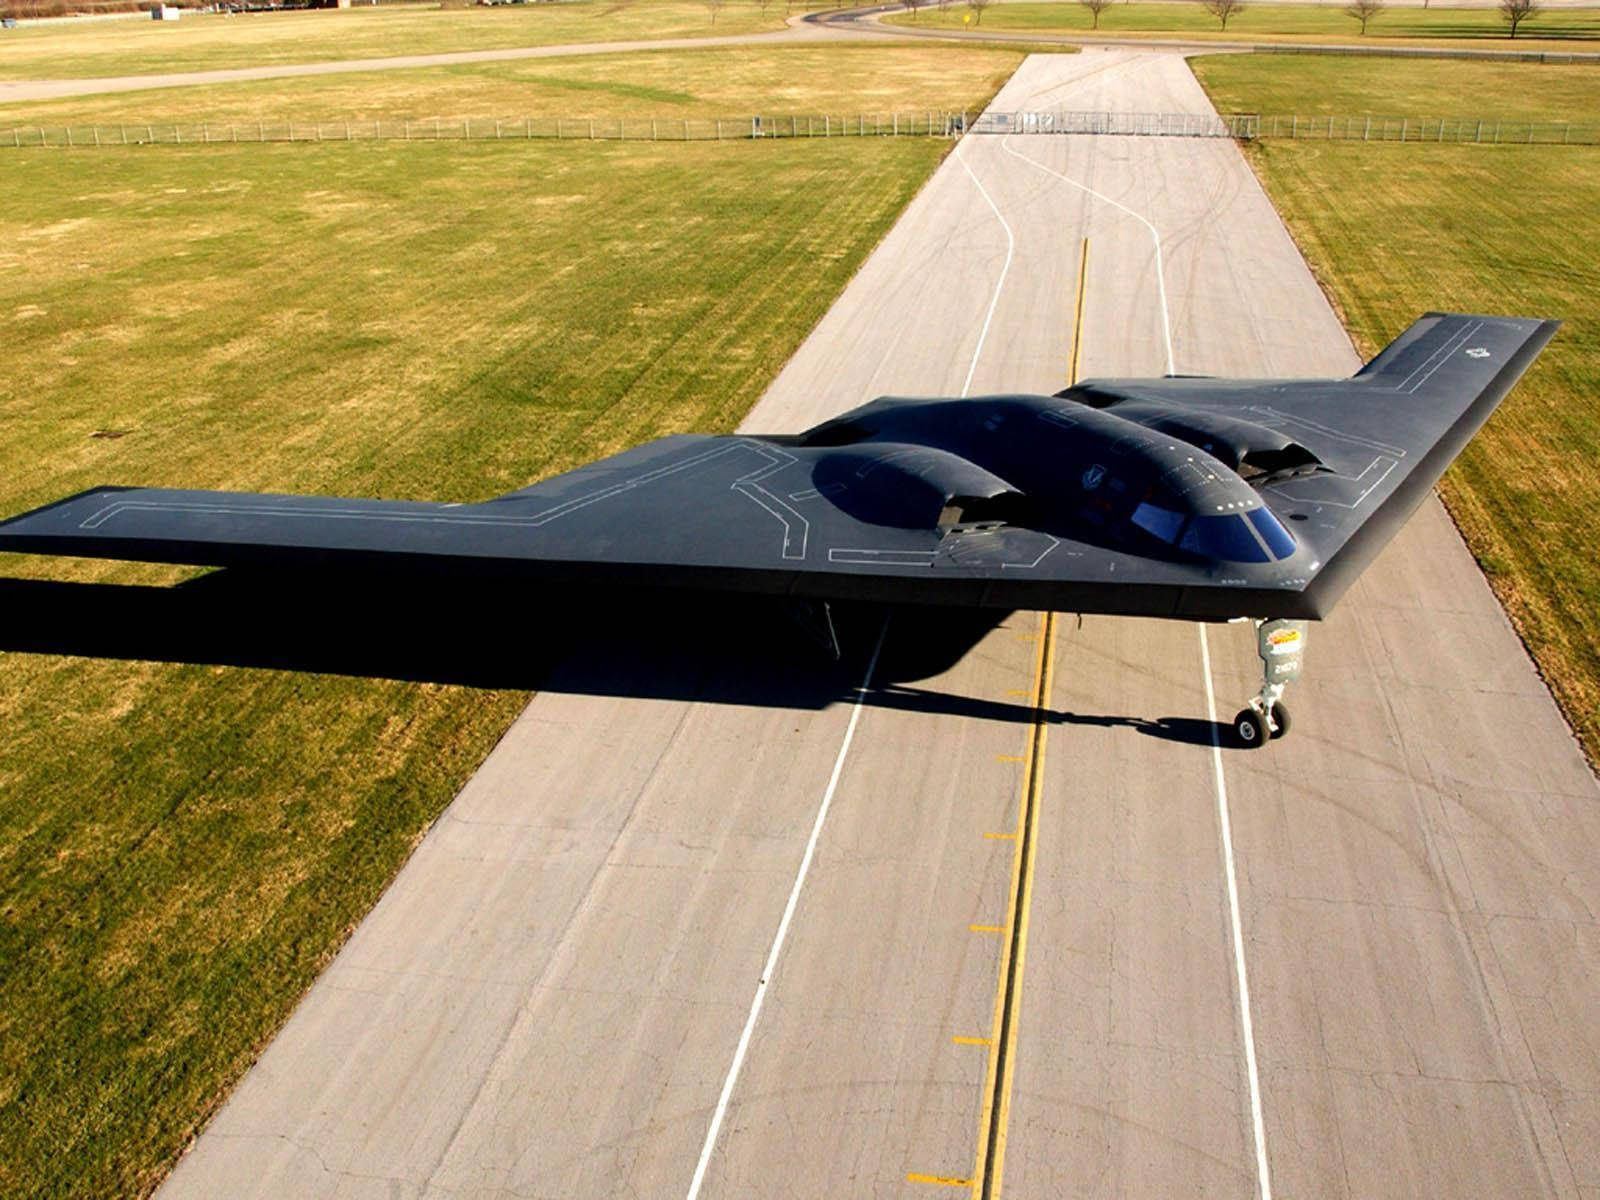 Northrop b-2 spirit — википедия. что такое northrop b-2 spirit